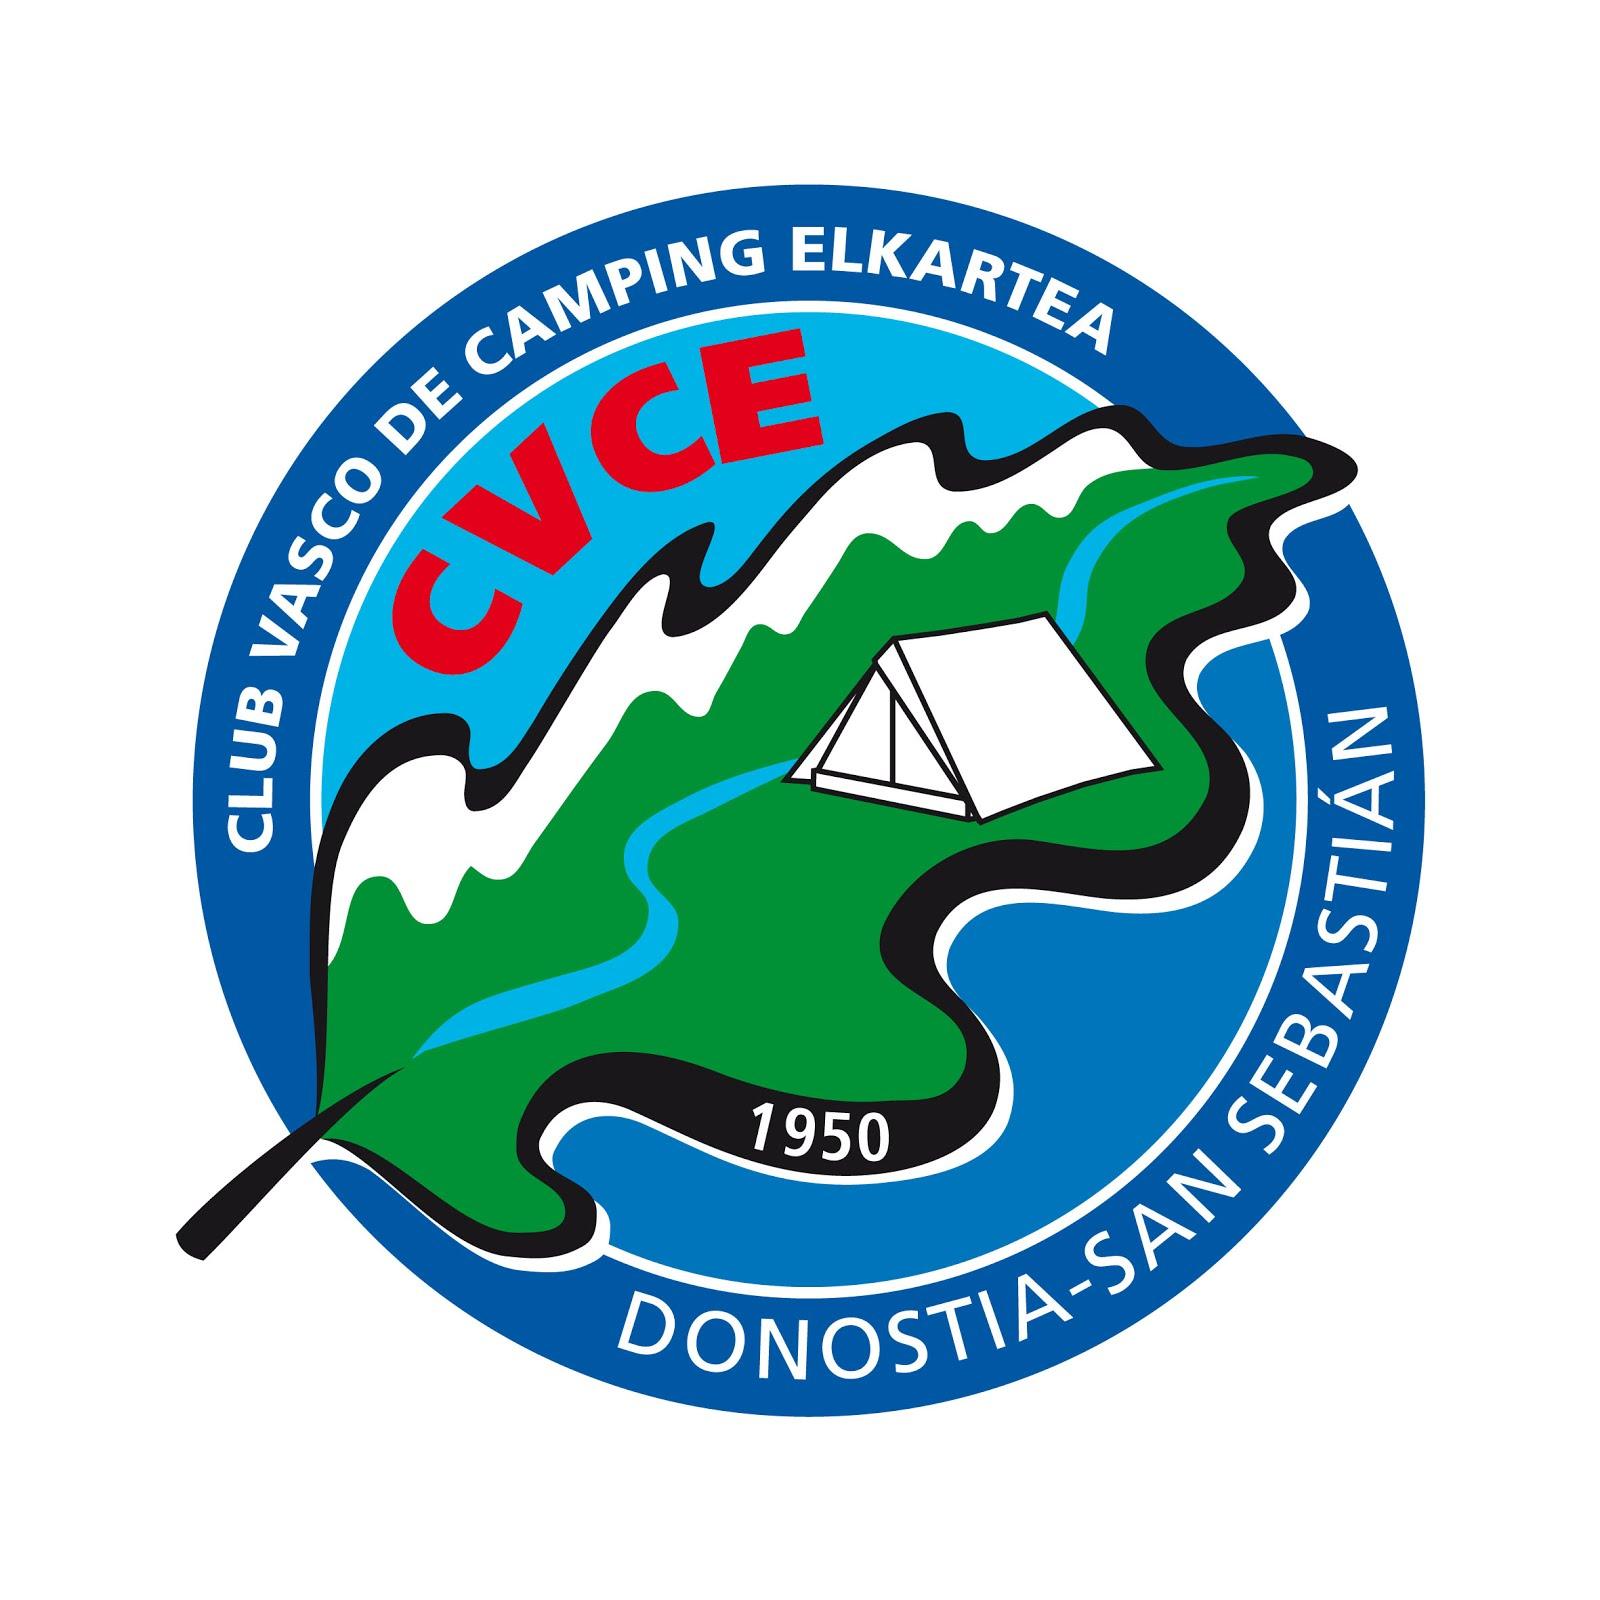 Club Vasco de Camping elkartea